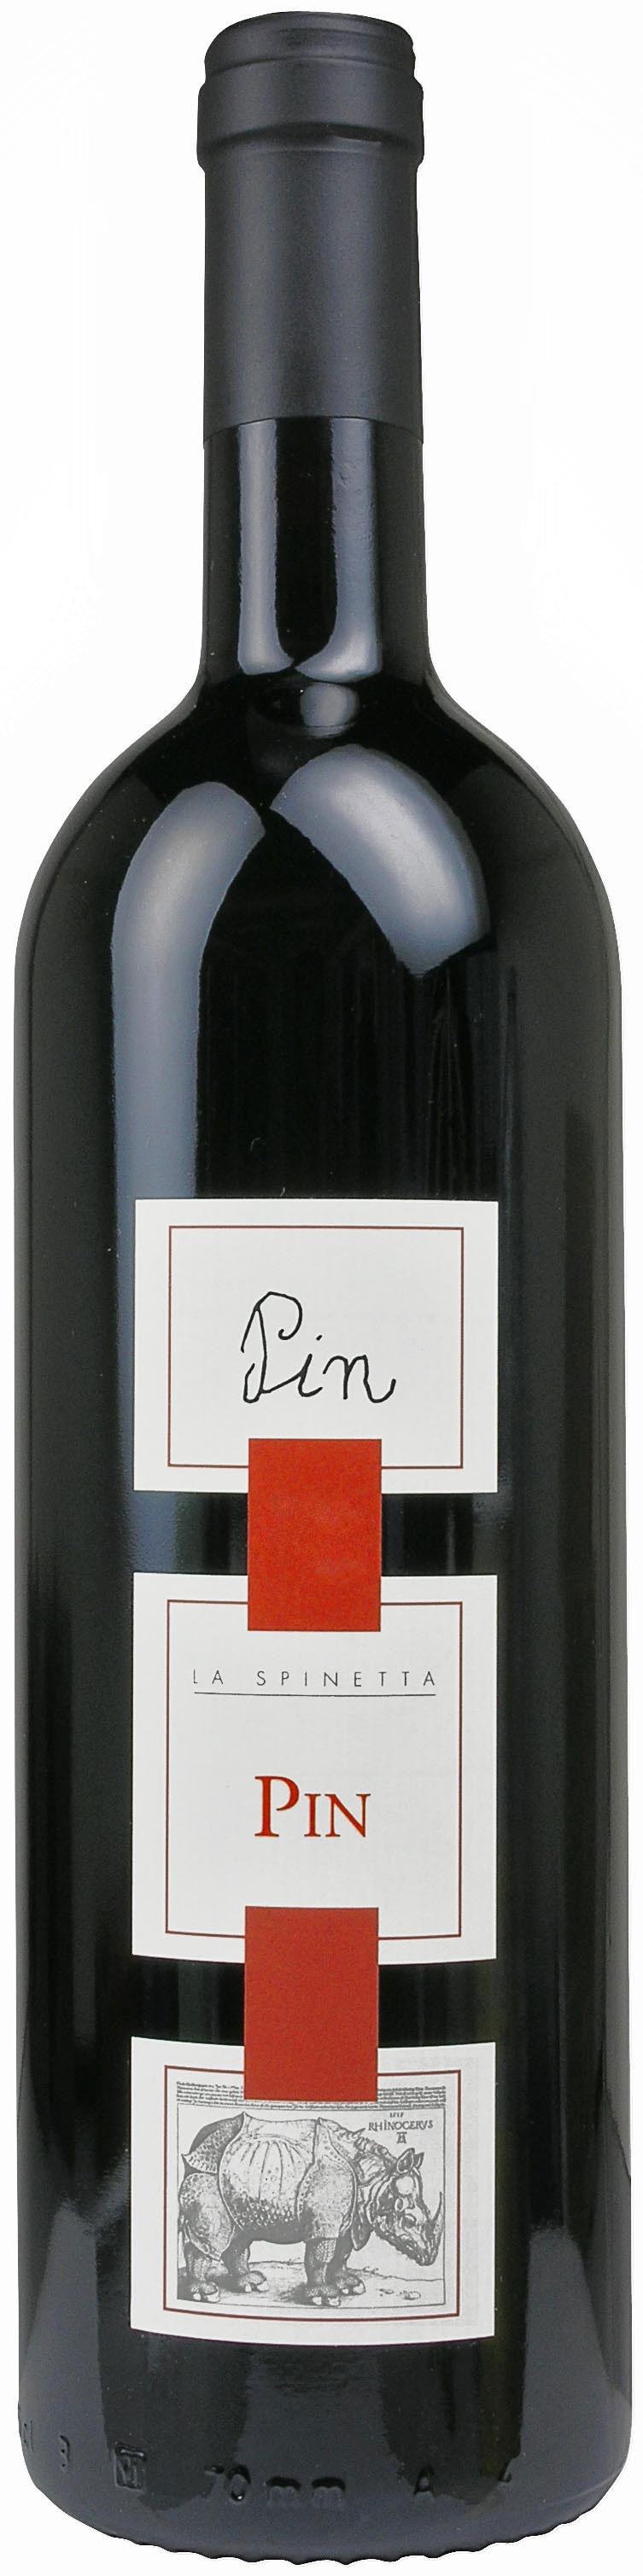 Pin Monferrato